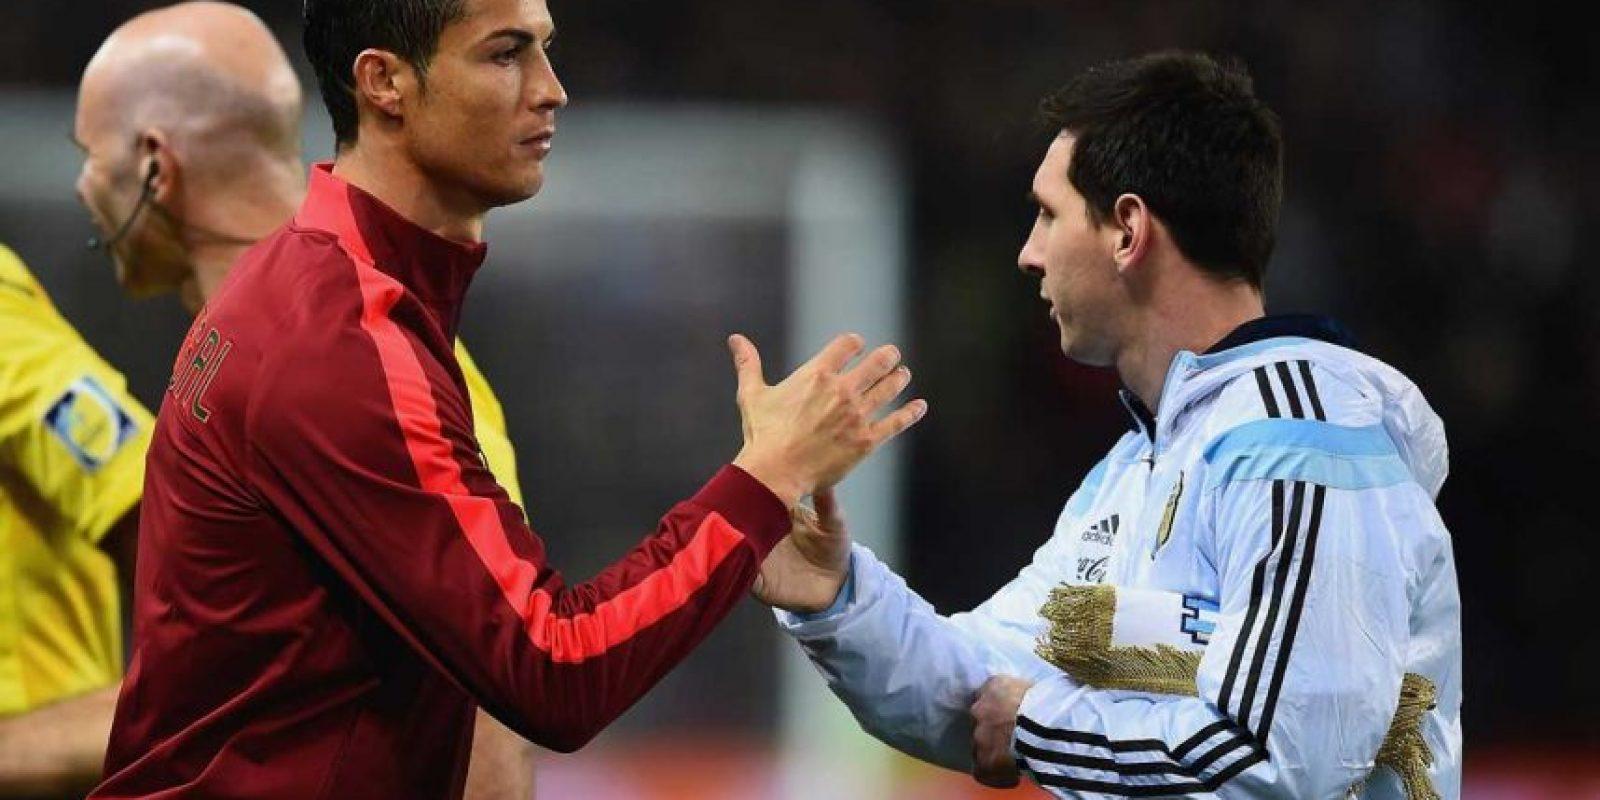 """Fuera de la cancha, Leo y """"CR7"""" se respetan como profesionales y se admiran mutuamente. Foto:Getty Images. Imagen Por:"""